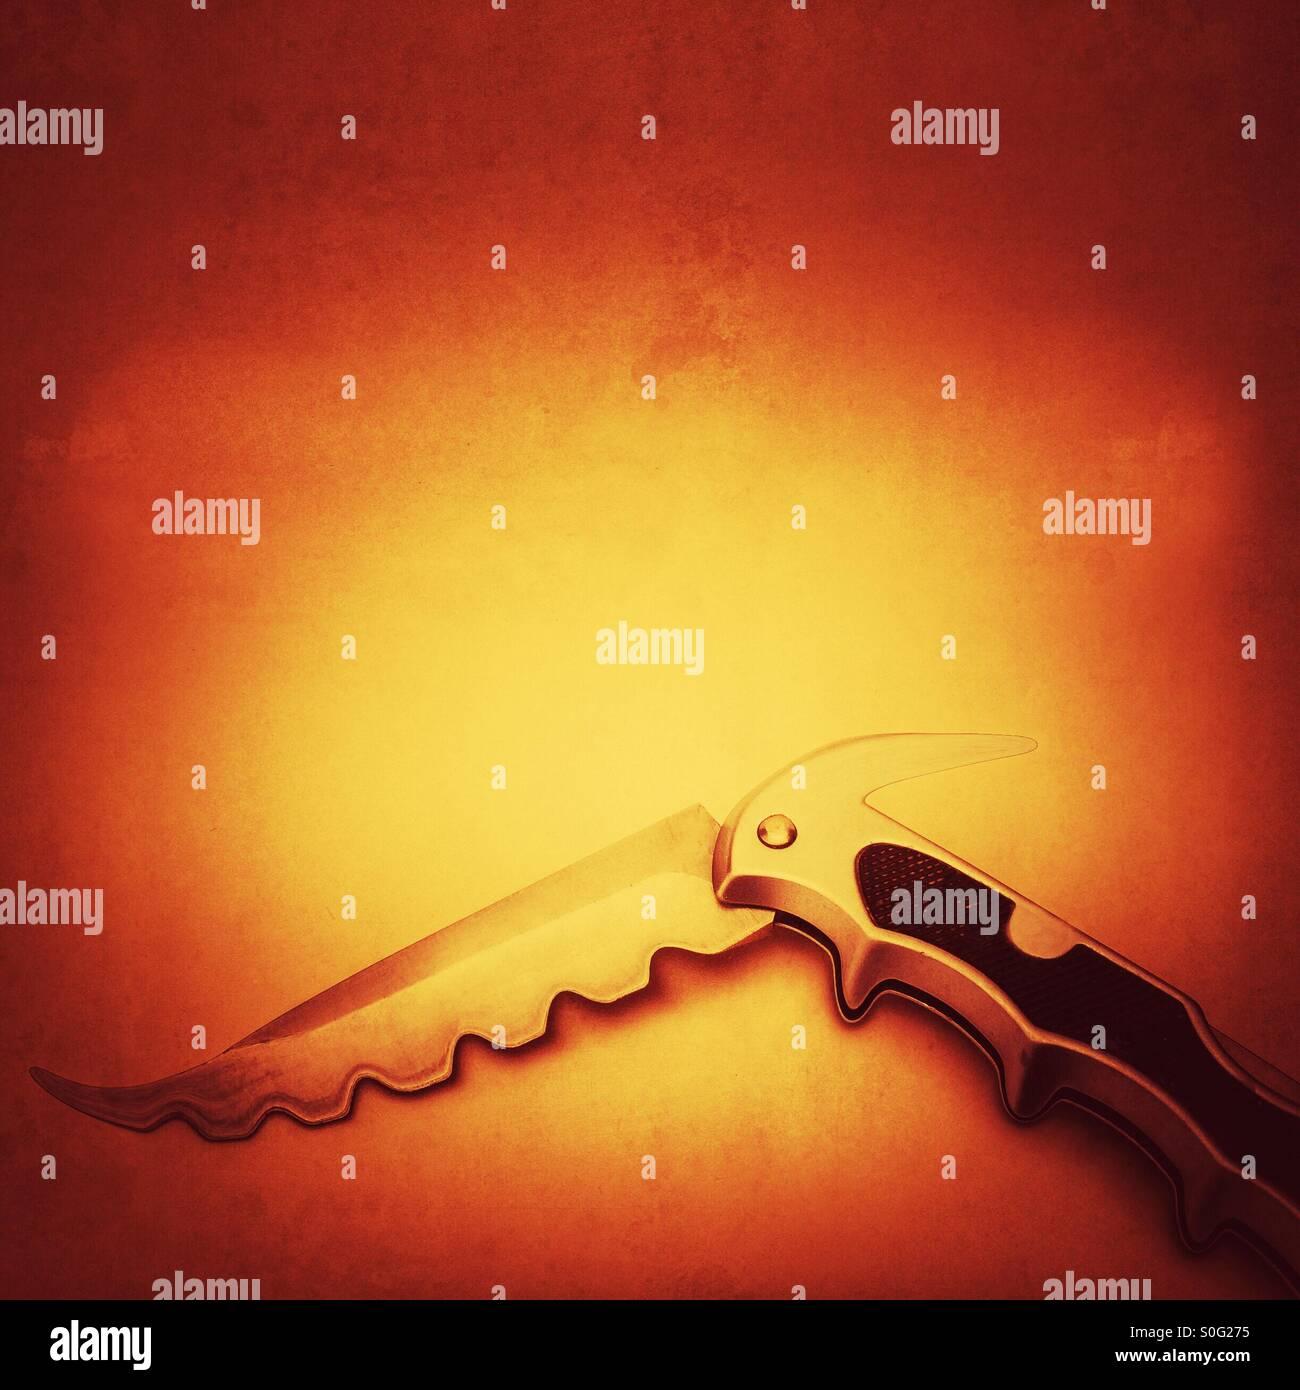 Salvaje buscando un cuchillo de bolsillo Imagen De Stock